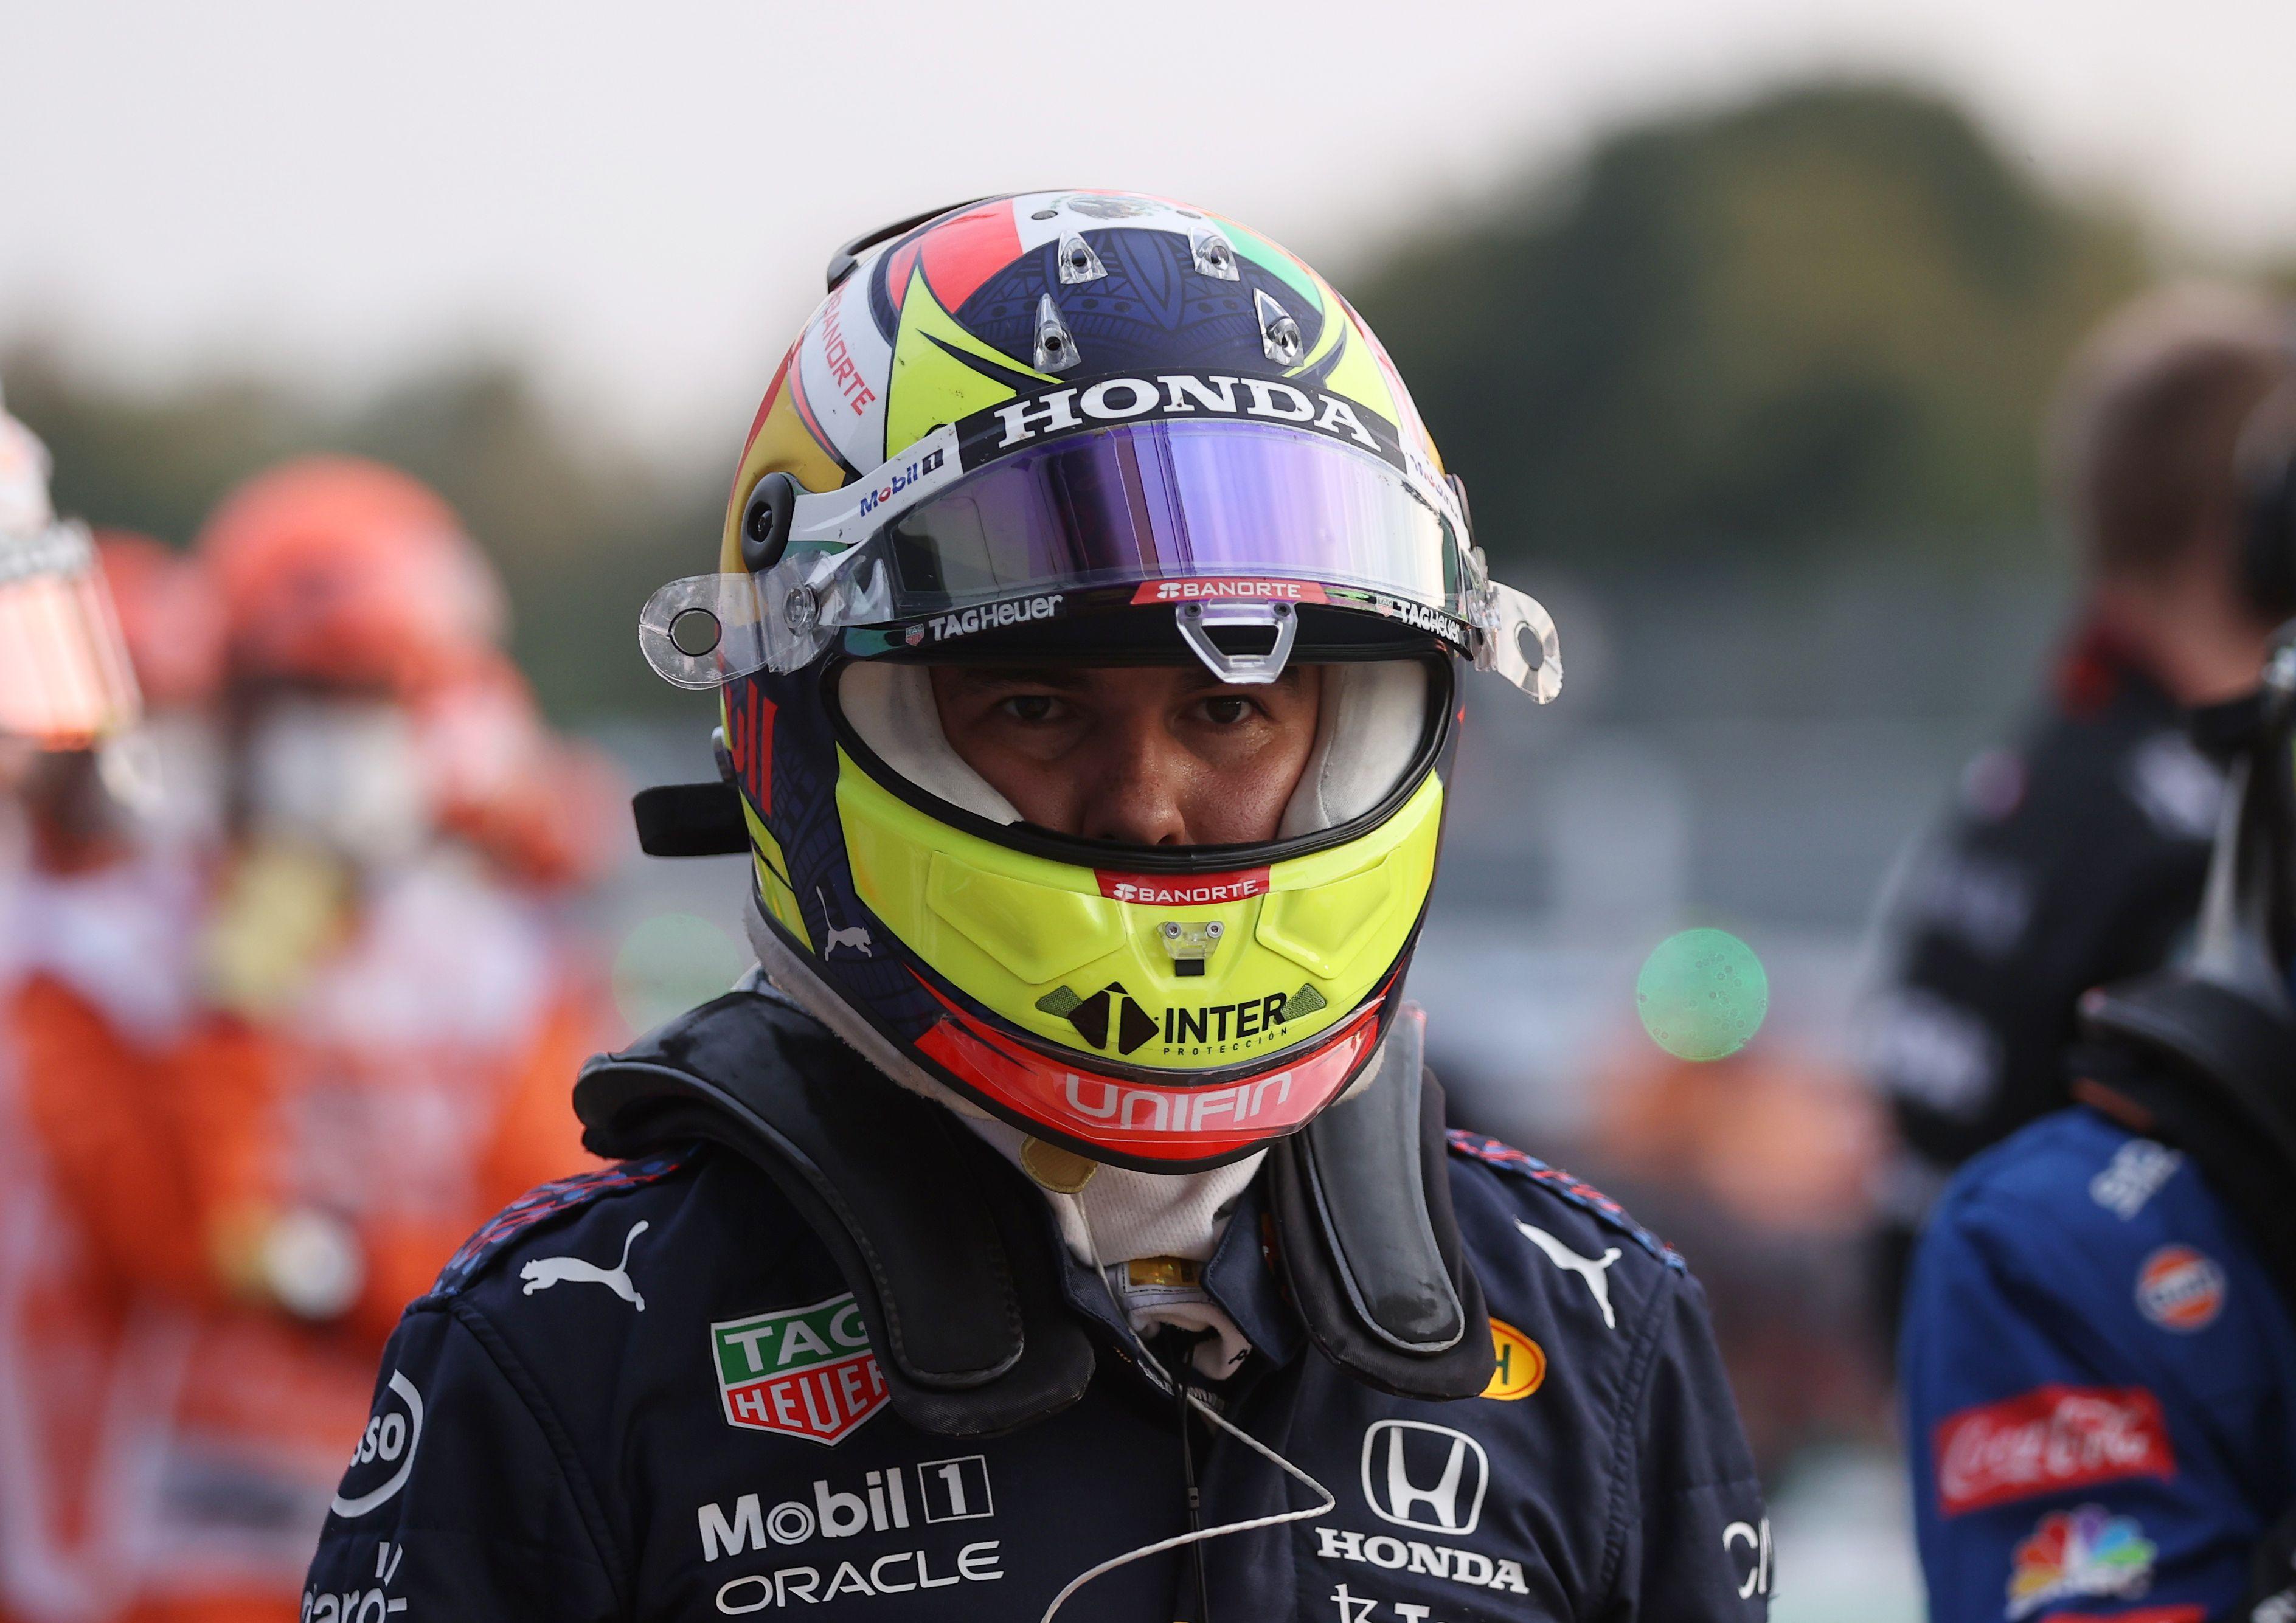 """Sergio """"Checo"""" Pérez largará desde la posición 8 de la parrilla en el Gran Premio de Italia (Foto: REUTERS/Lars Baron)"""